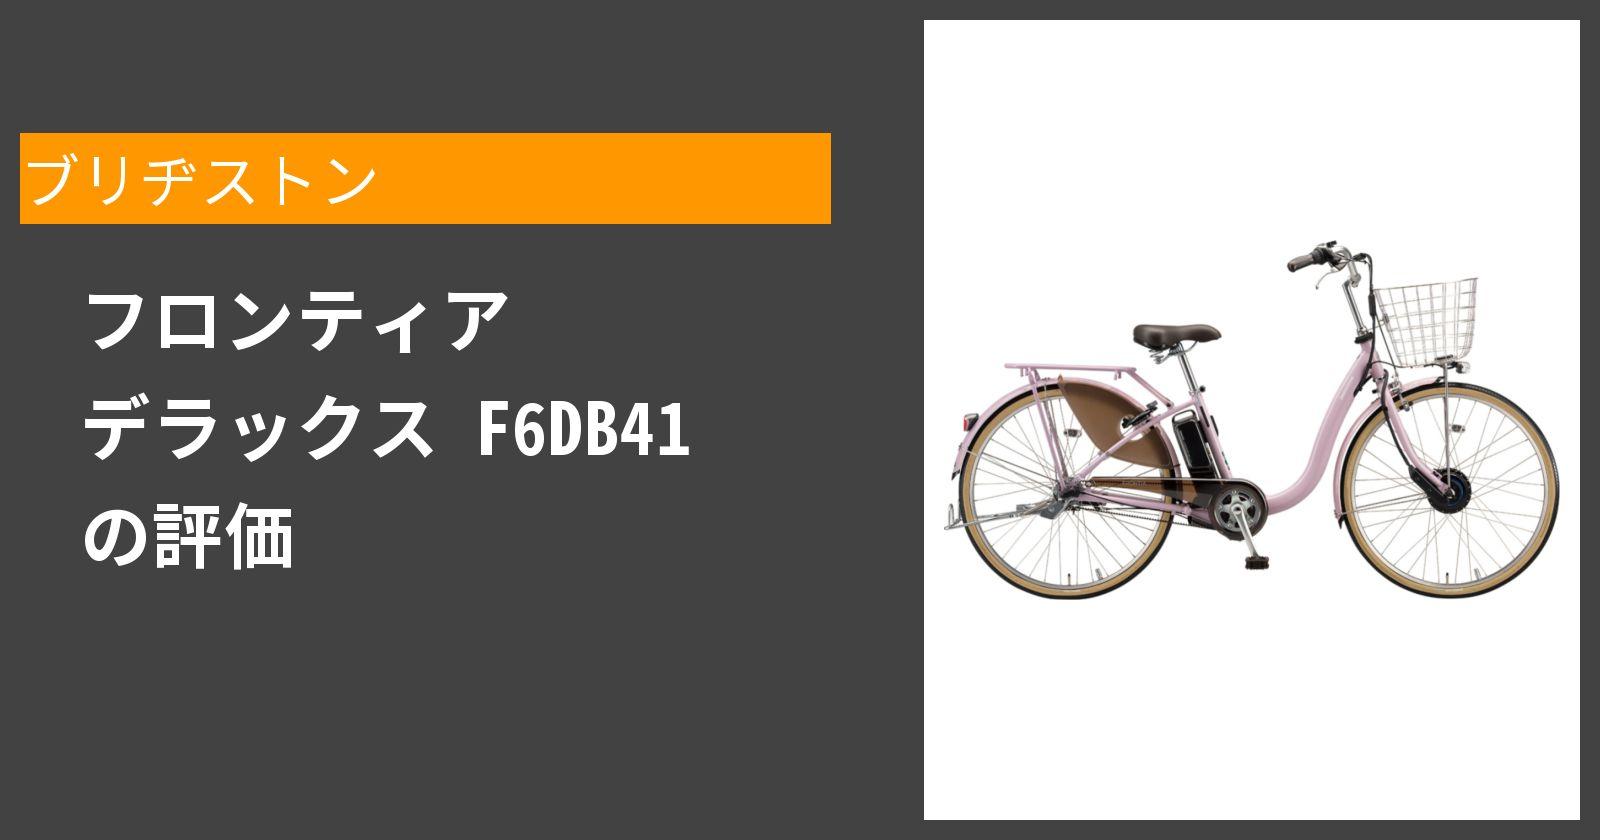 フロンティア デラックス F6DB41を徹底評価